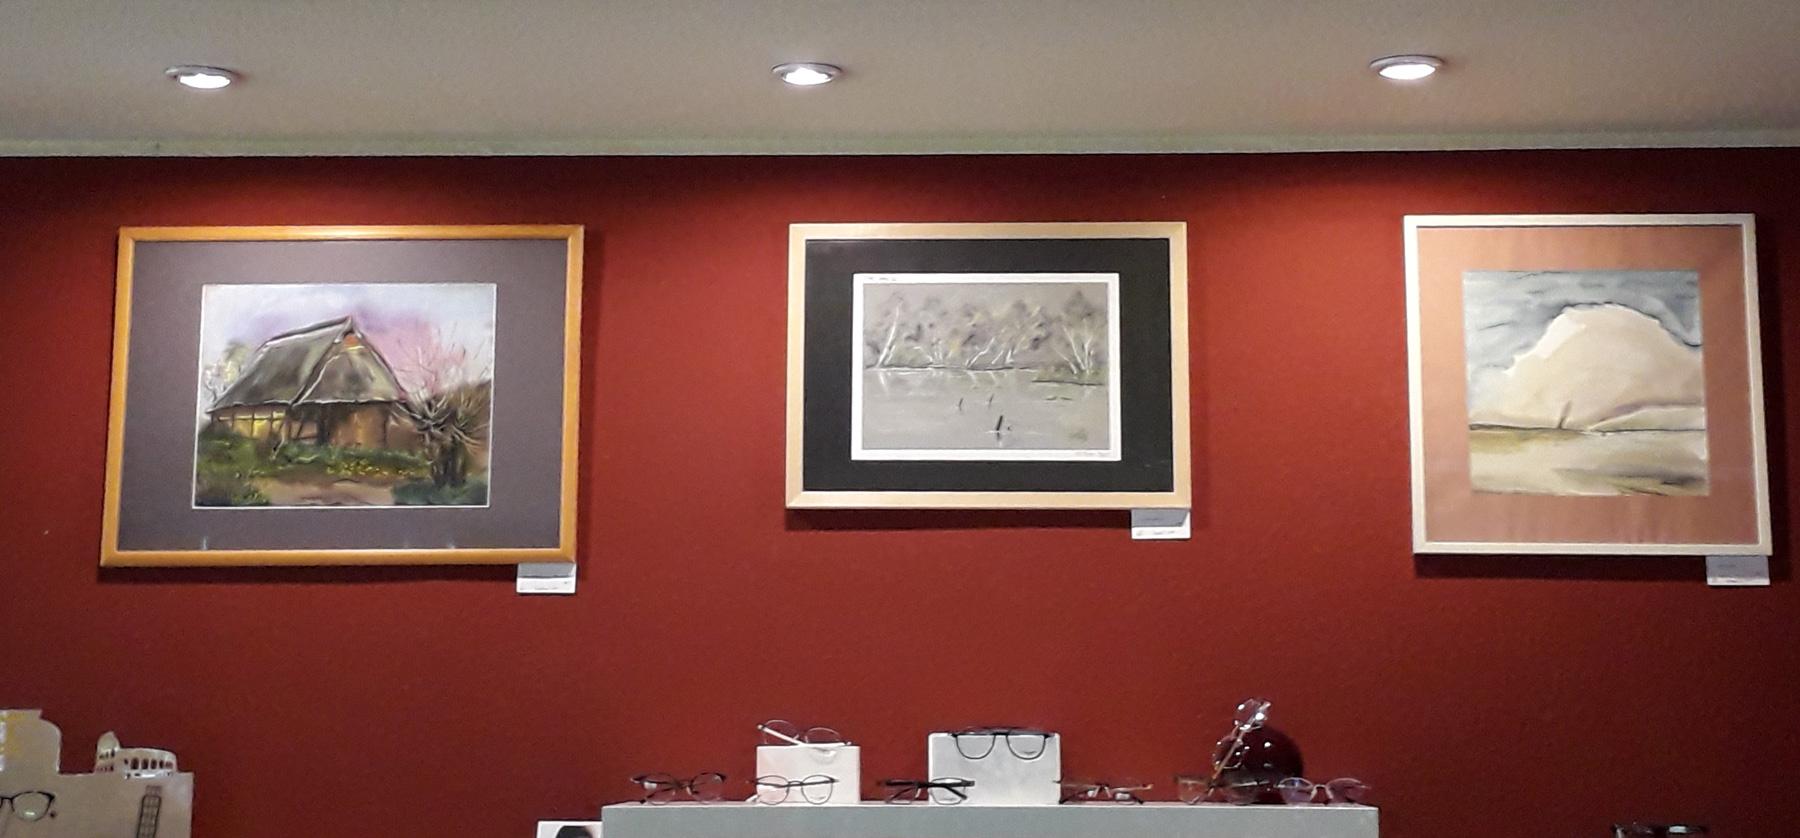 brillenstudio neuenhagen ausstellung susanne geisler - Kunstgalerie